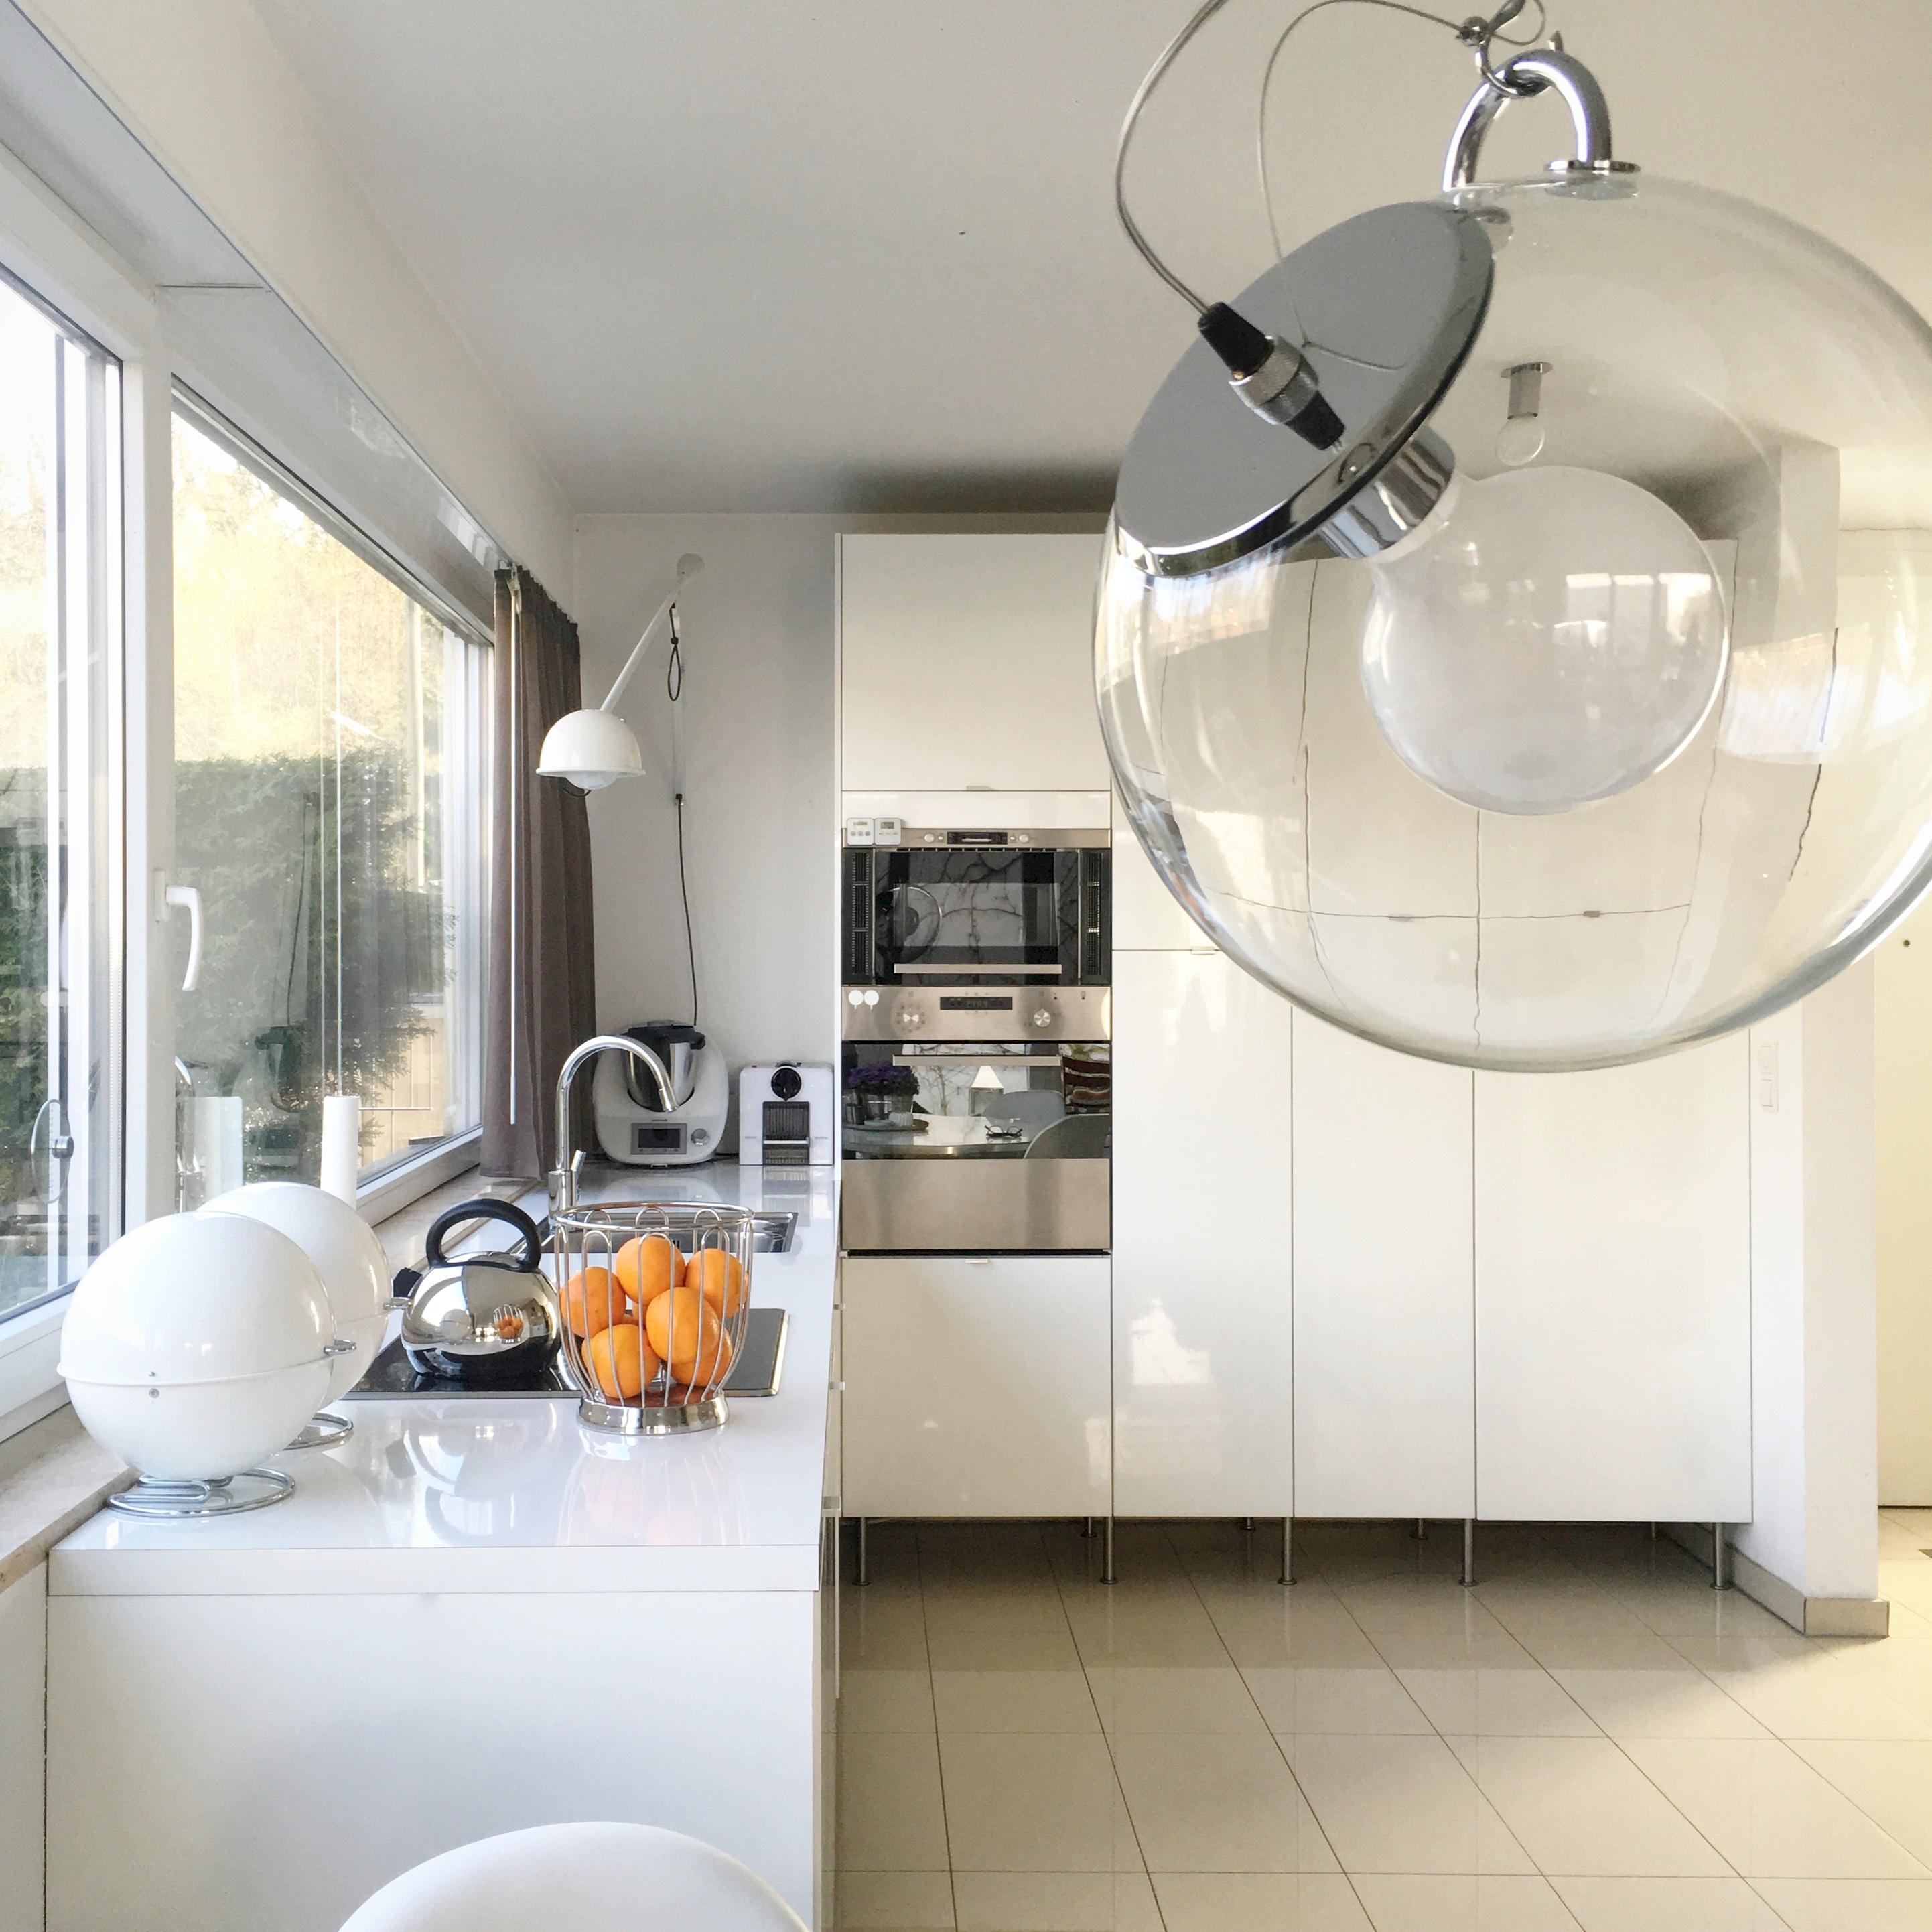 Blick in die Küche #küche #esstisch #wandleuchte #ik...